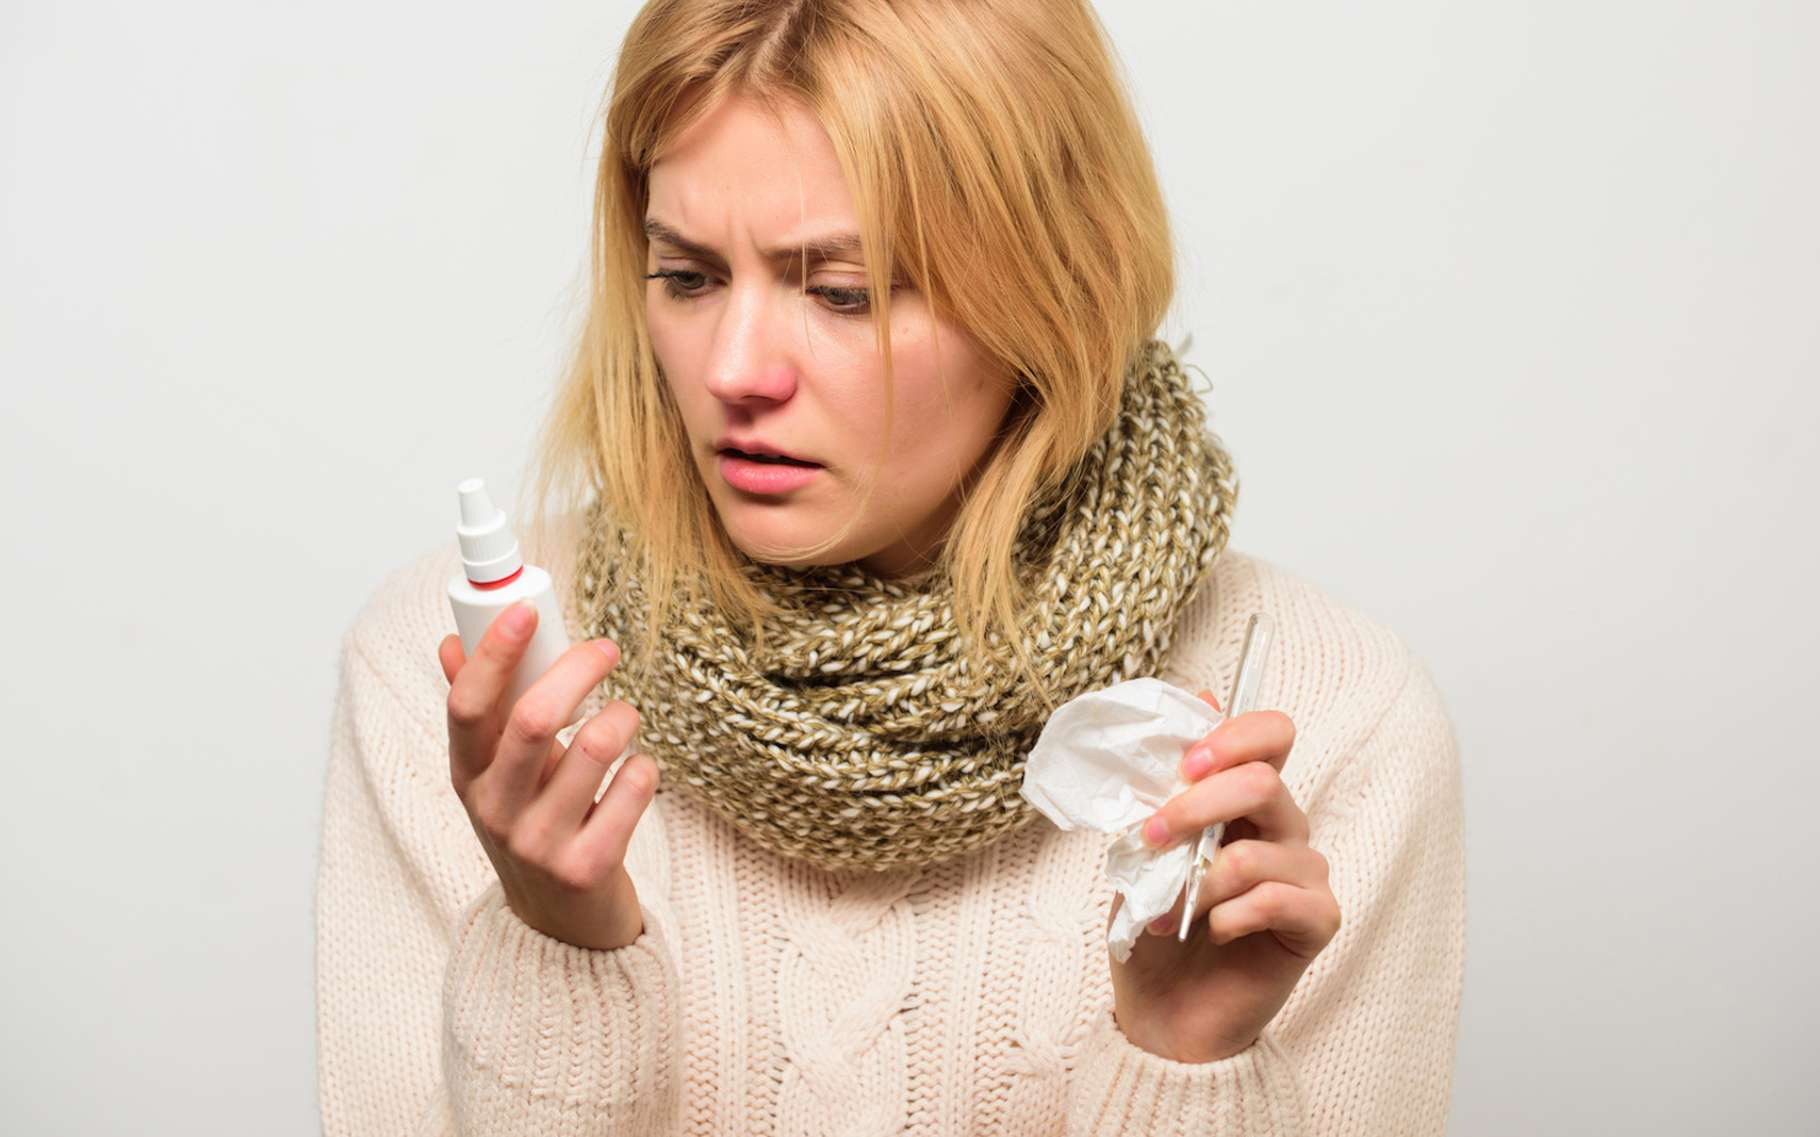 Chaque année, la grippe tue en France des milliers de personnes. Mais grâce à une solution mise au point par des chercheurs à partir d'anticorps de lamas, la donne pourrait changer. © Roman Stetsyk, Fotolia